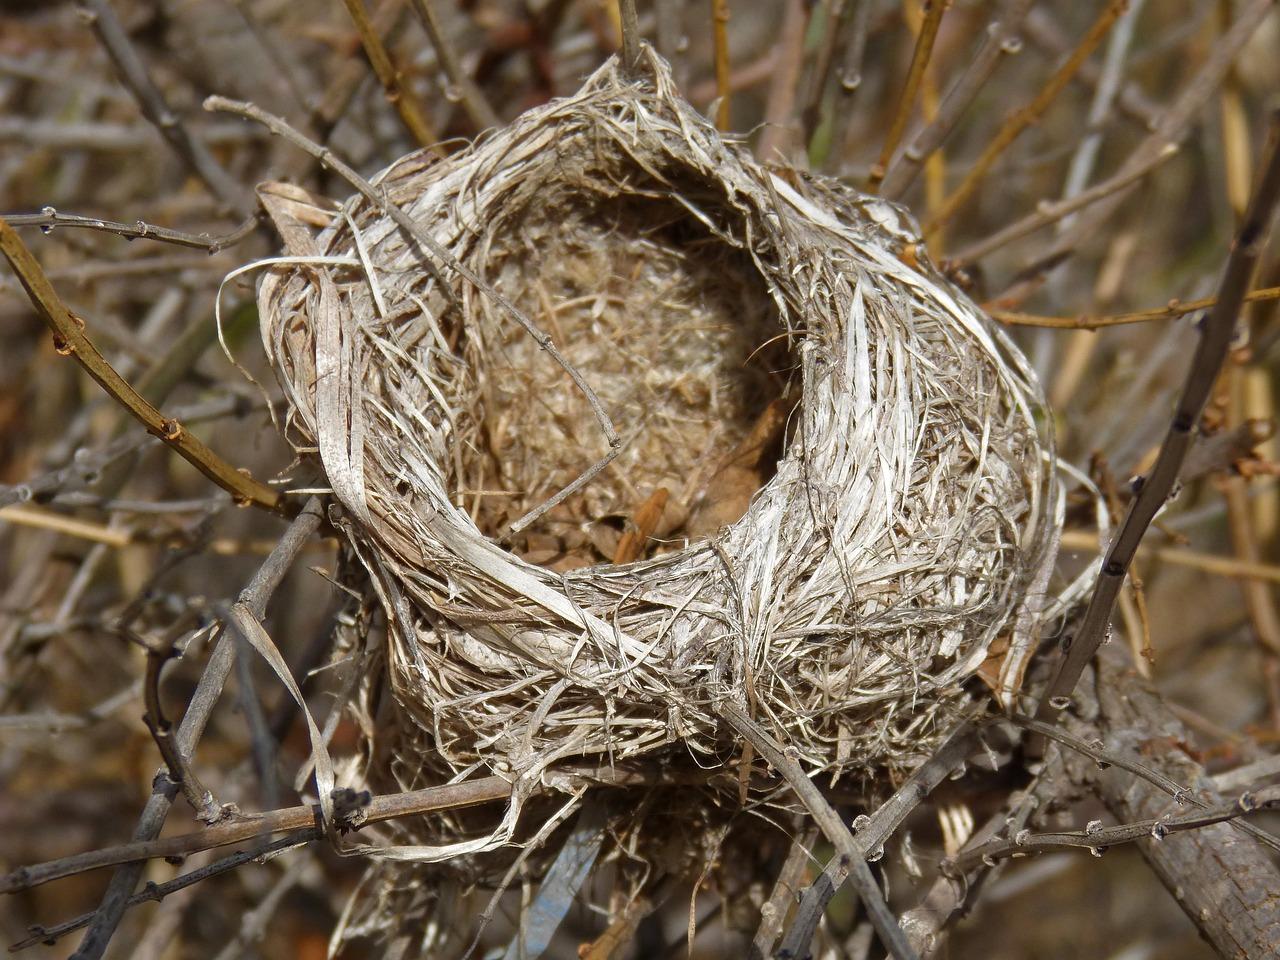 фото картинки гнезда птиц российском понимании